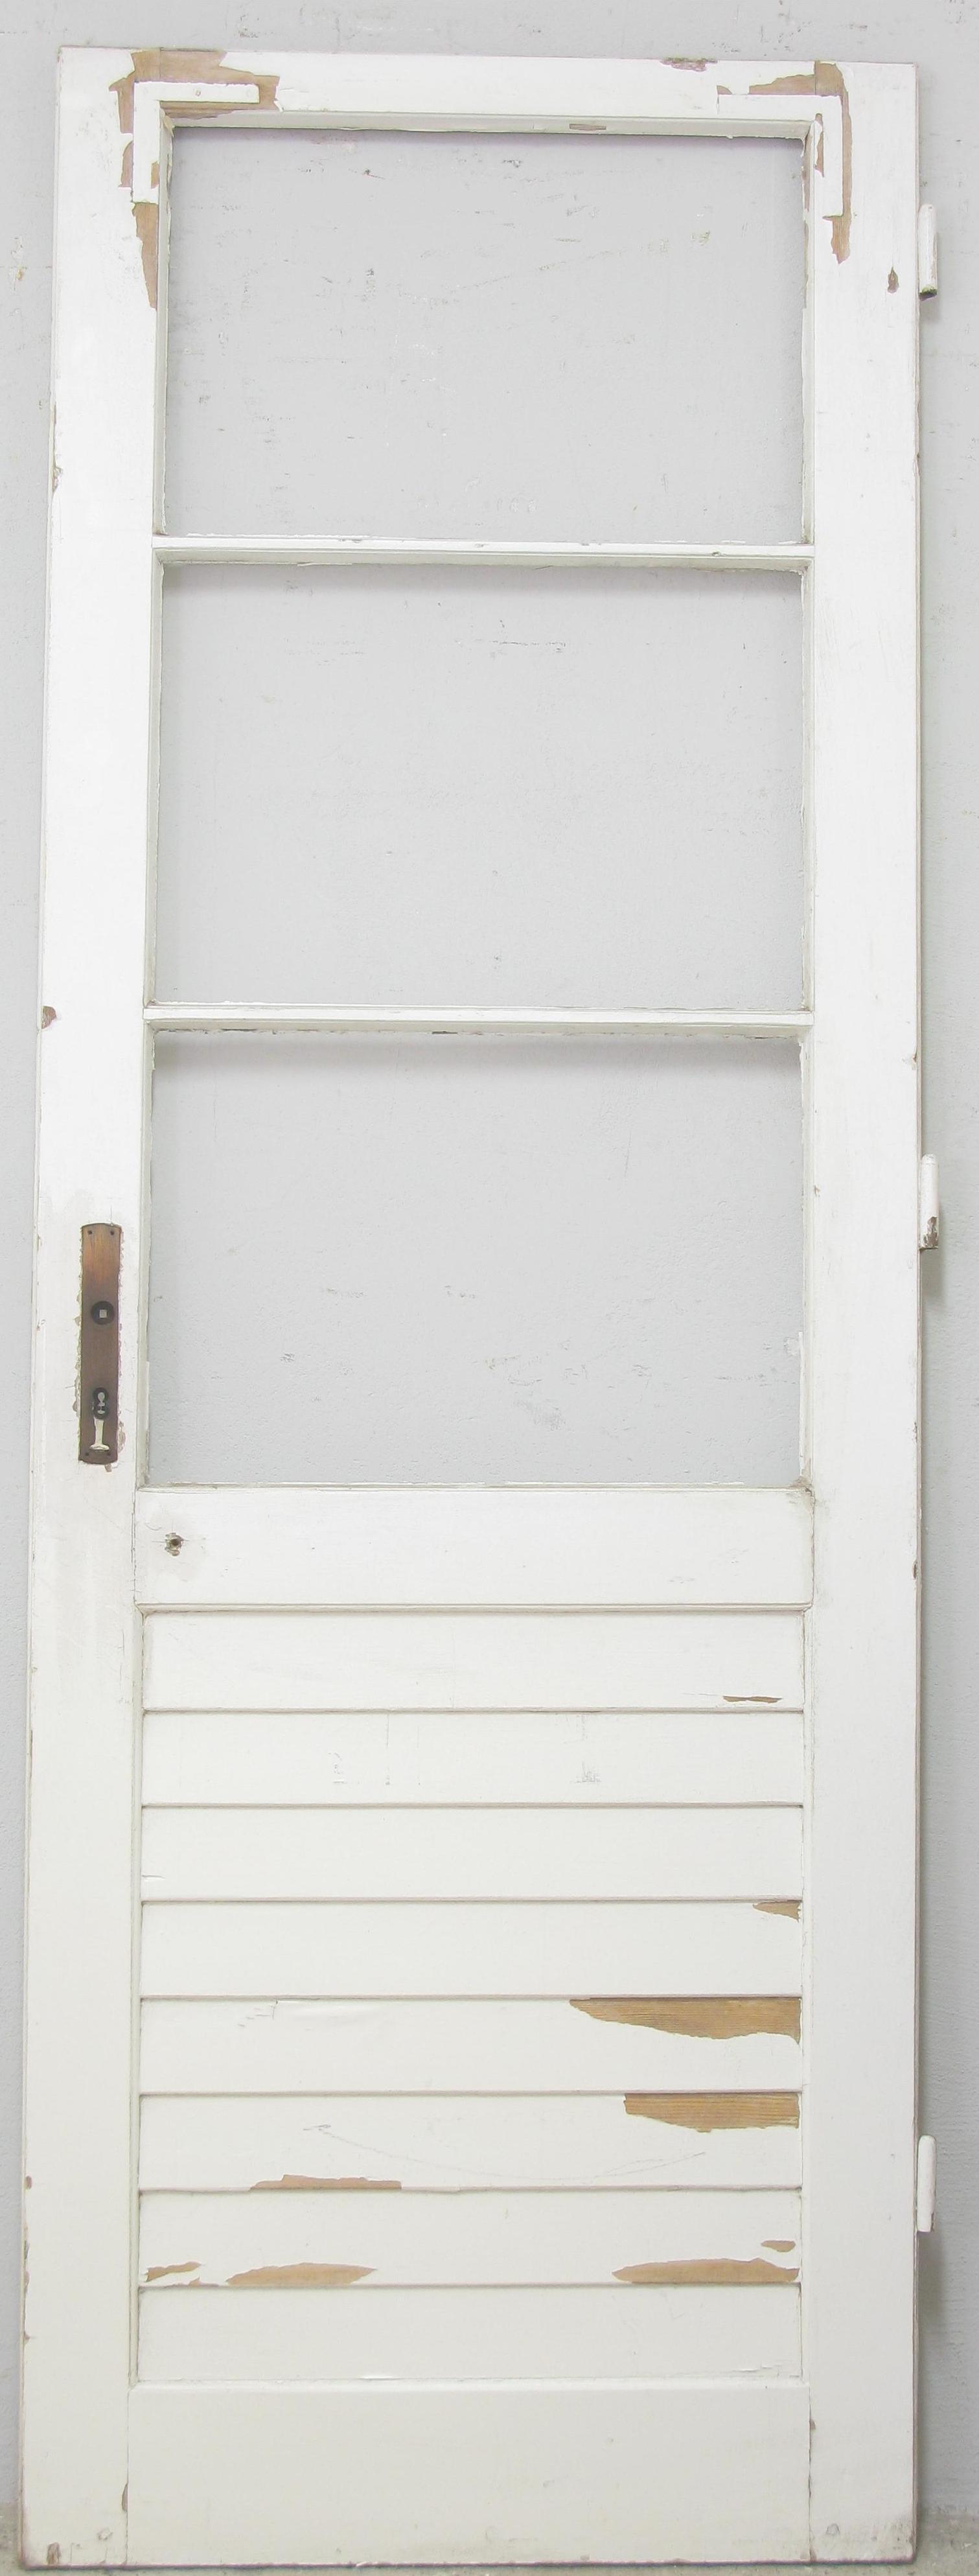 balkont r einzelfl gel bauhaus historische bauelemente jetzt online bestellen. Black Bedroom Furniture Sets. Home Design Ideas